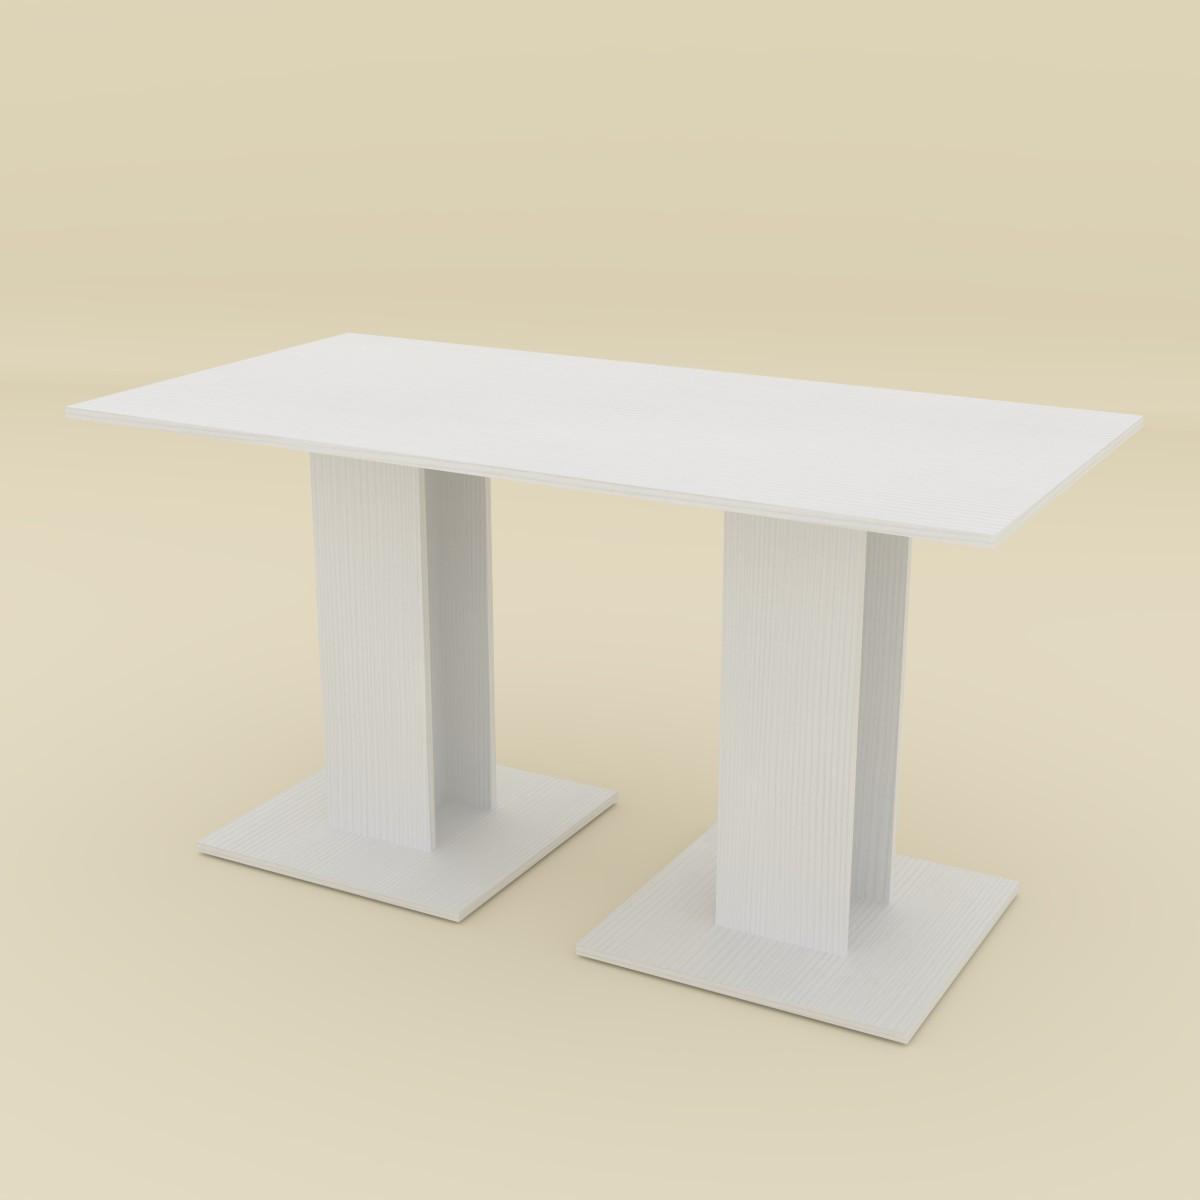 Стол кухонный КС-8 белый Компанит (140х70х74 см)